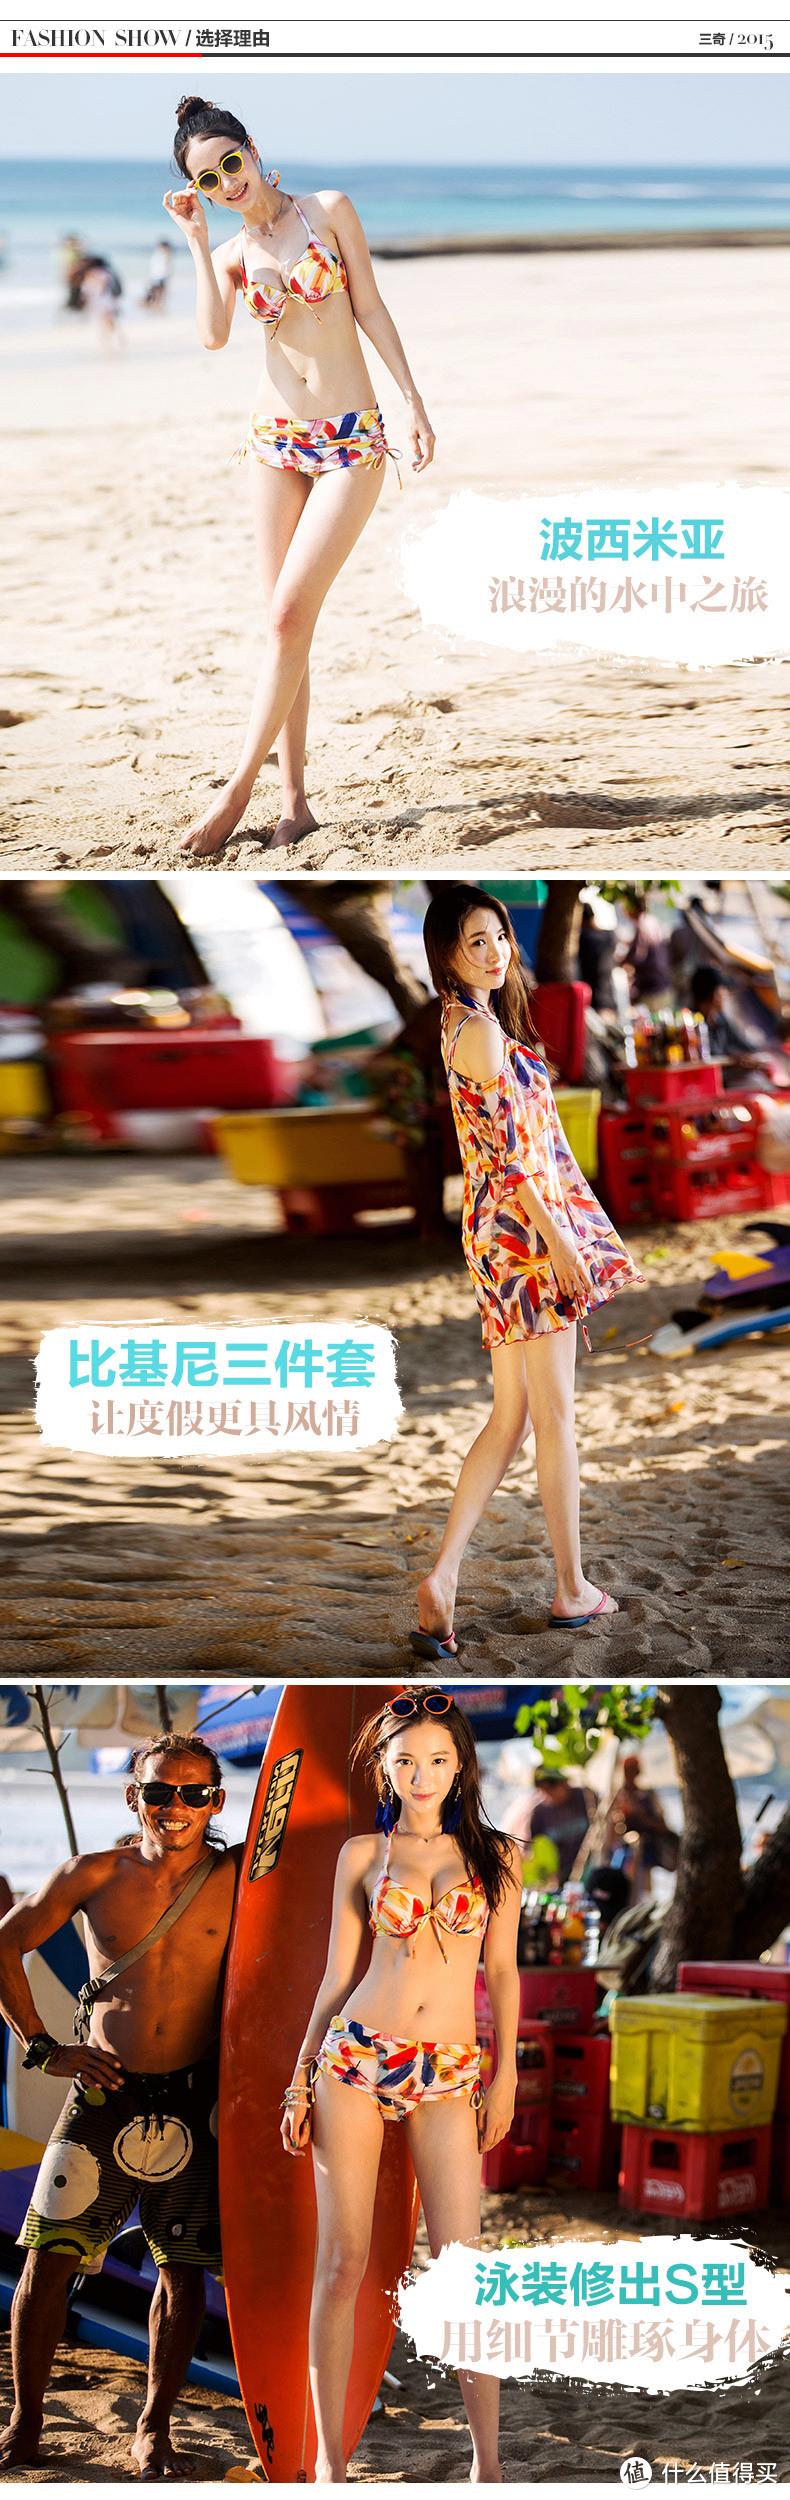 10款时尚比基尼推荐,让你热辣一夏!